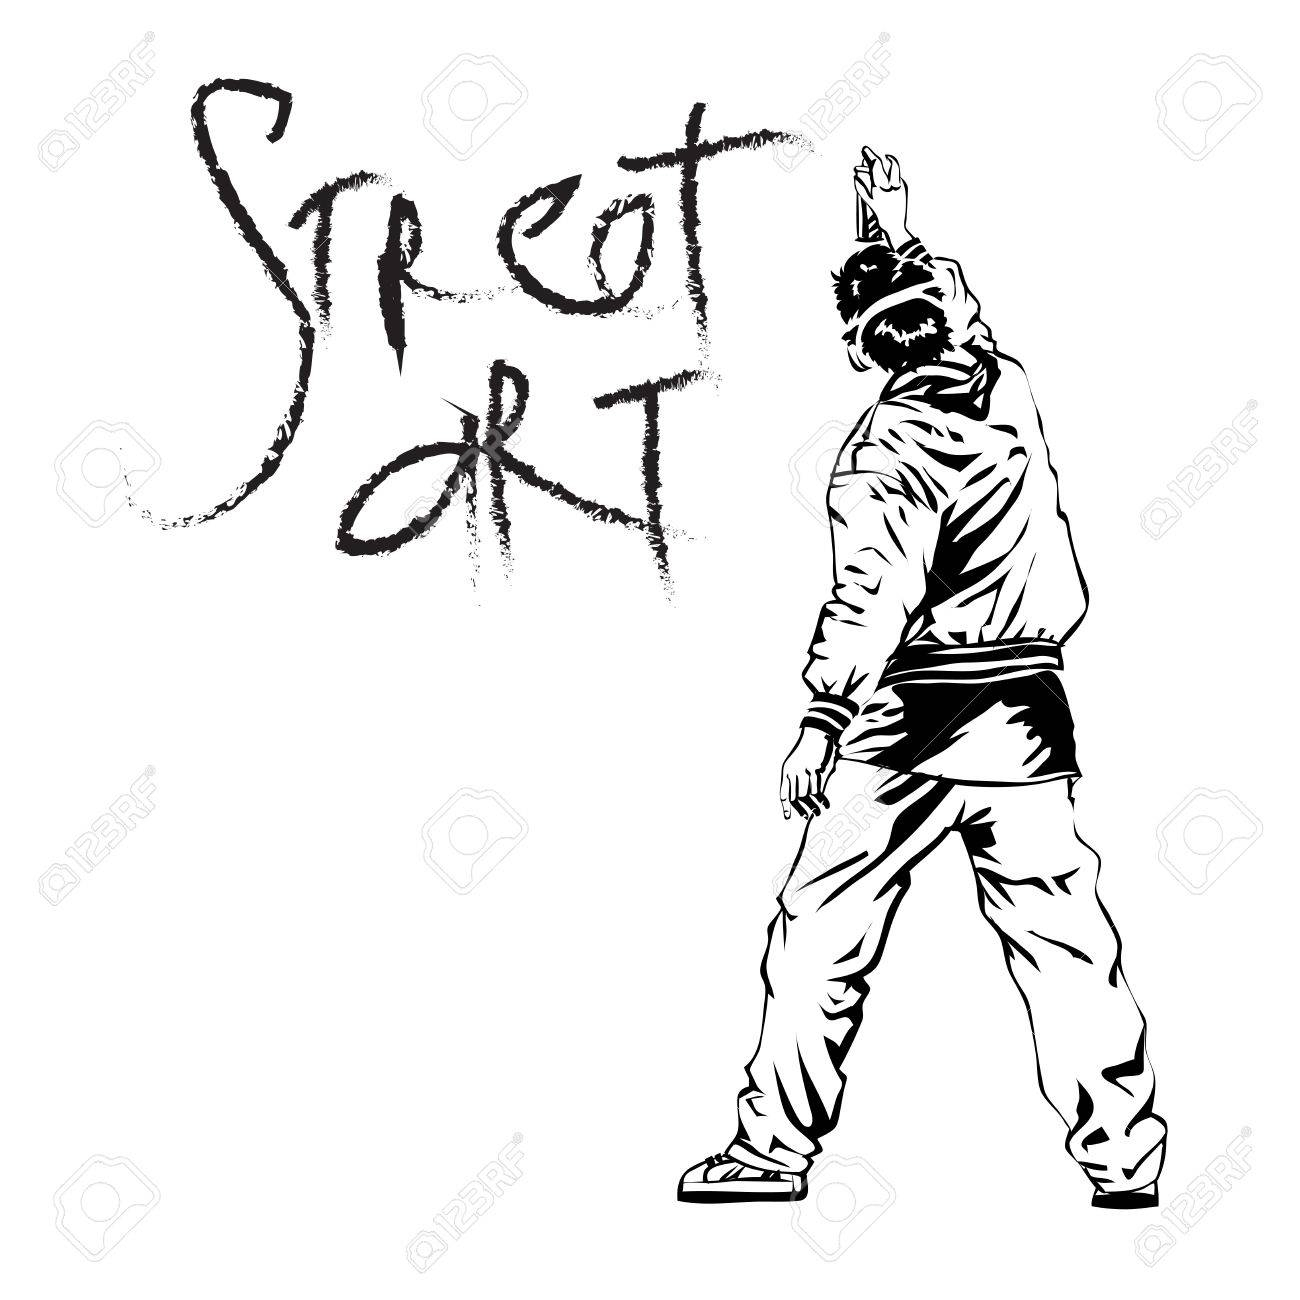 Graffiti Heart Drawings